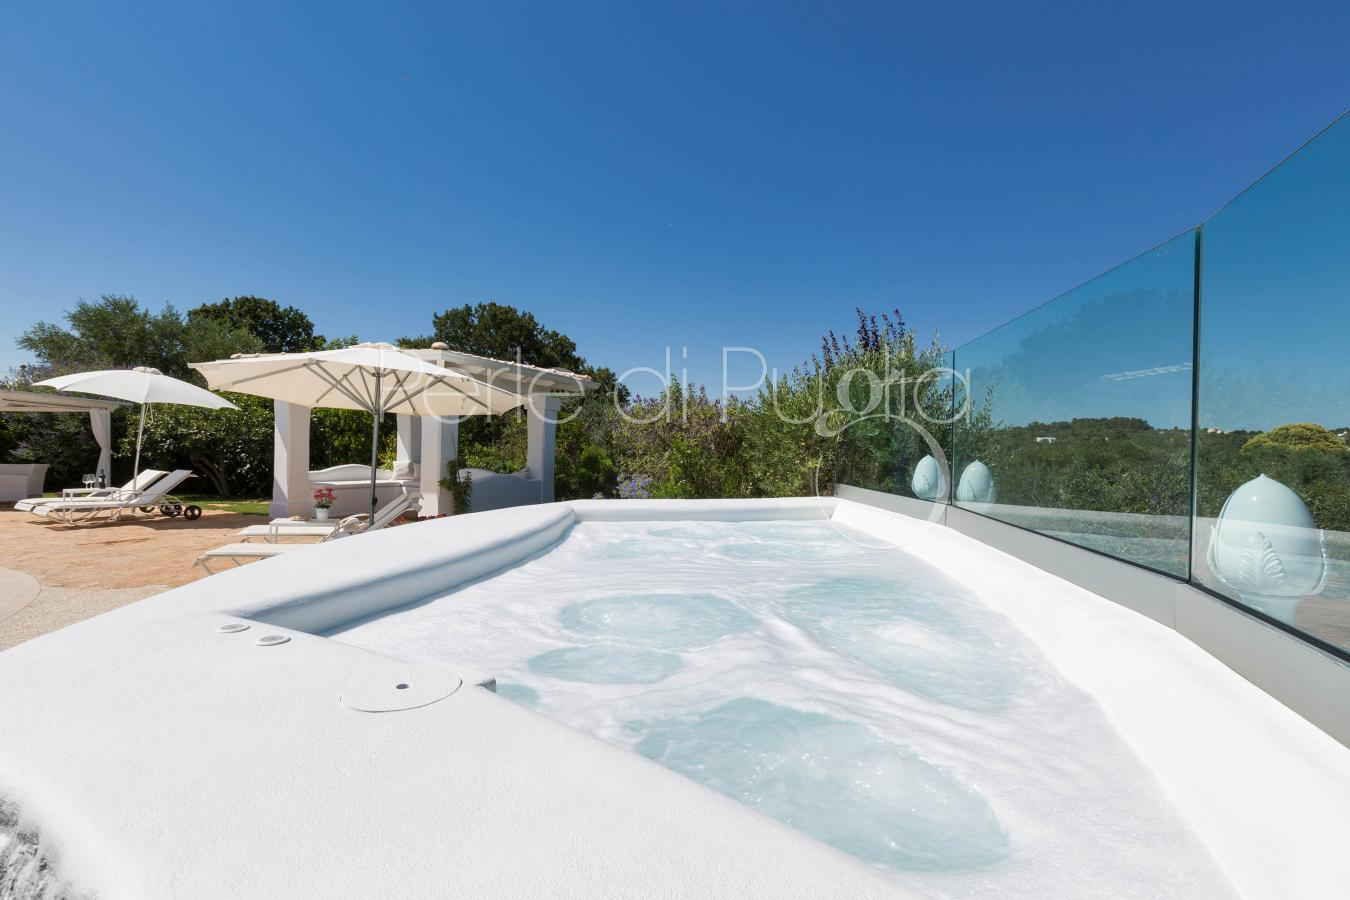 Trullo dei messapi villa di lusso con piscina e jacuzzi - Casa vacanza con piscina ad uso esclusivo ...